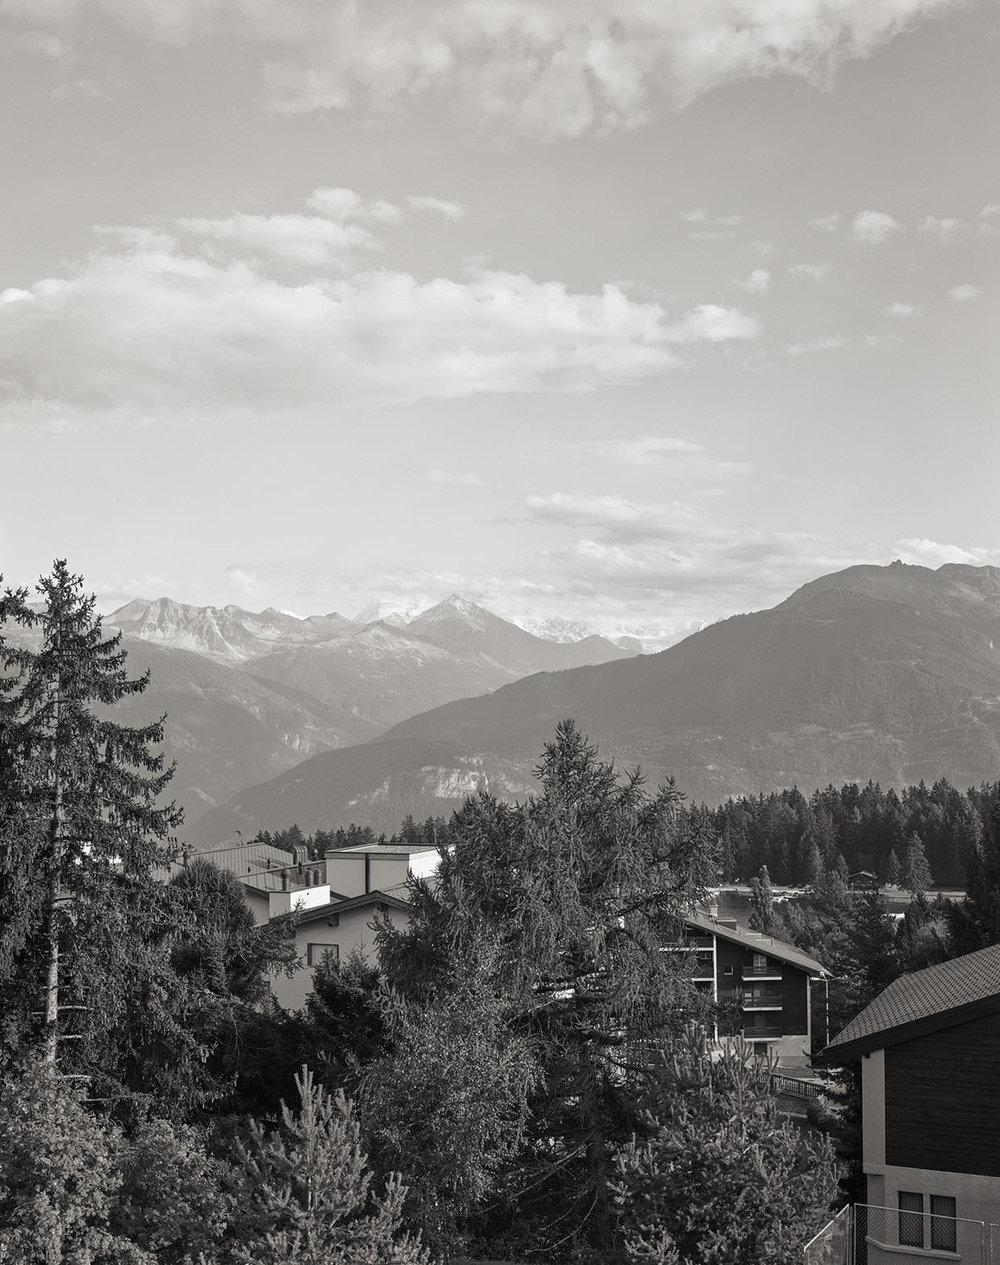 Blick von Montana auf Sierre und das Val d'Annivier, 2005, Fotograf: Dominique Uldry ©Bern: Dominique Uldry